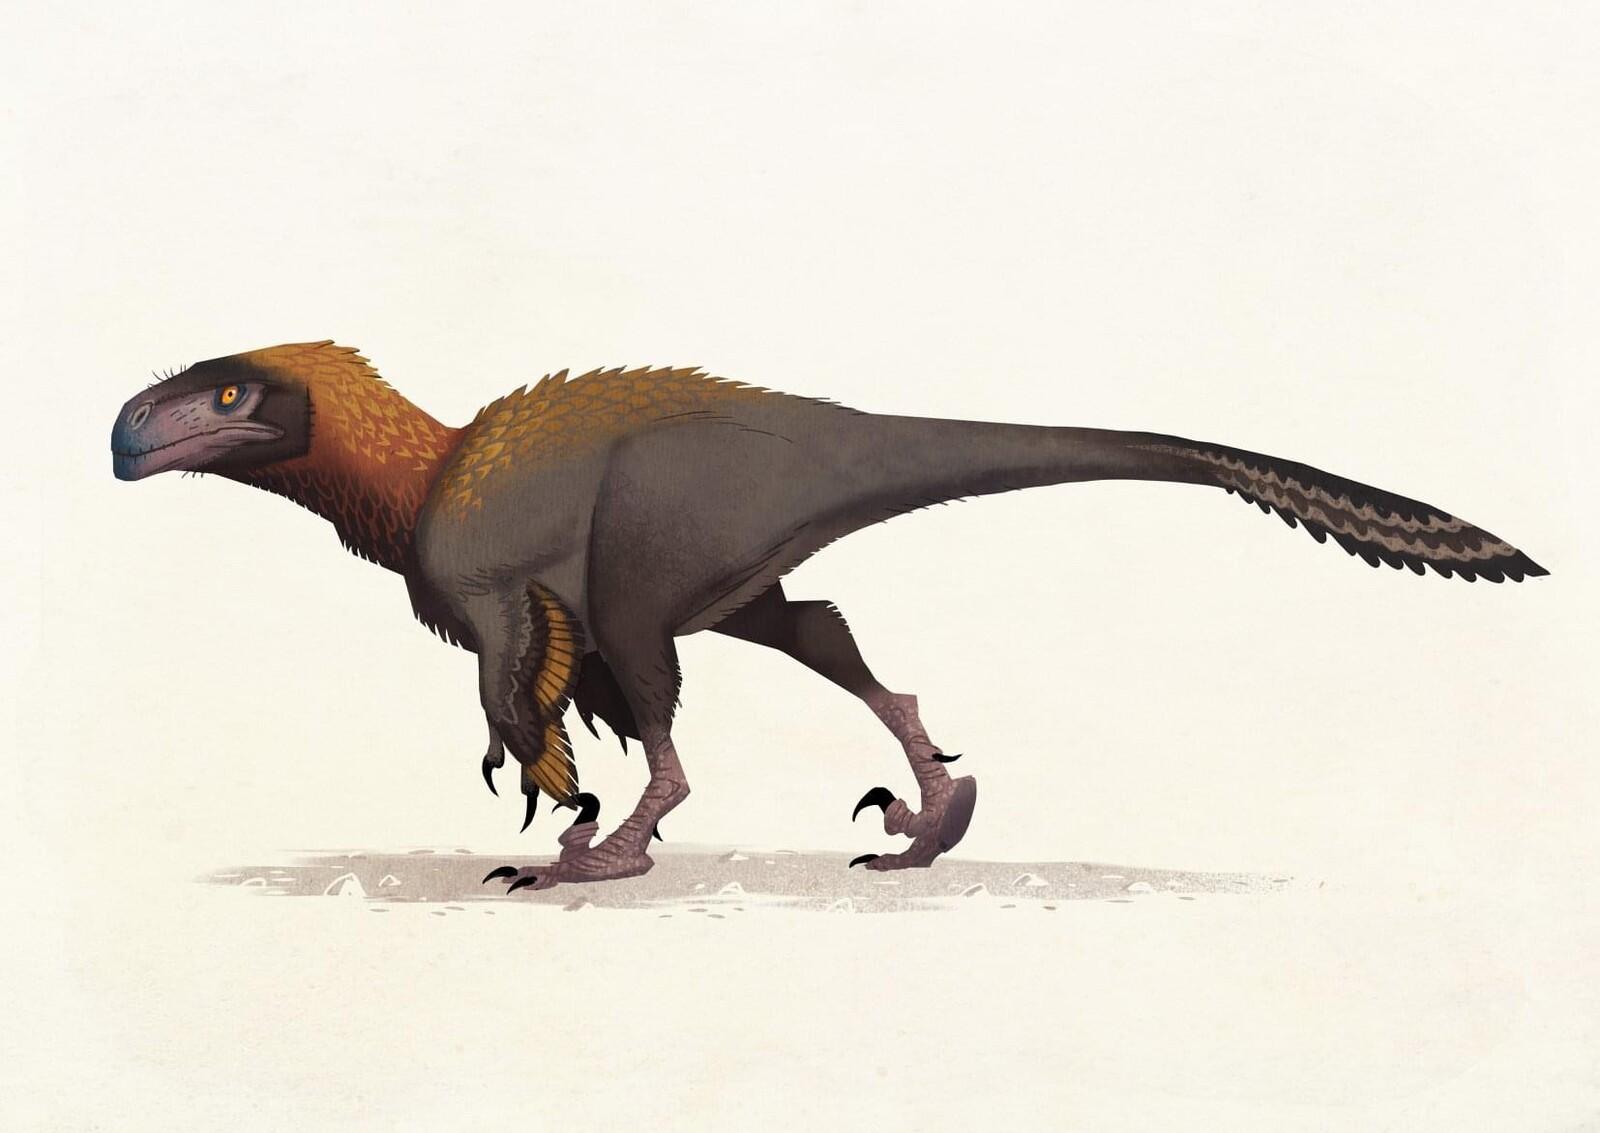 Utharaptor